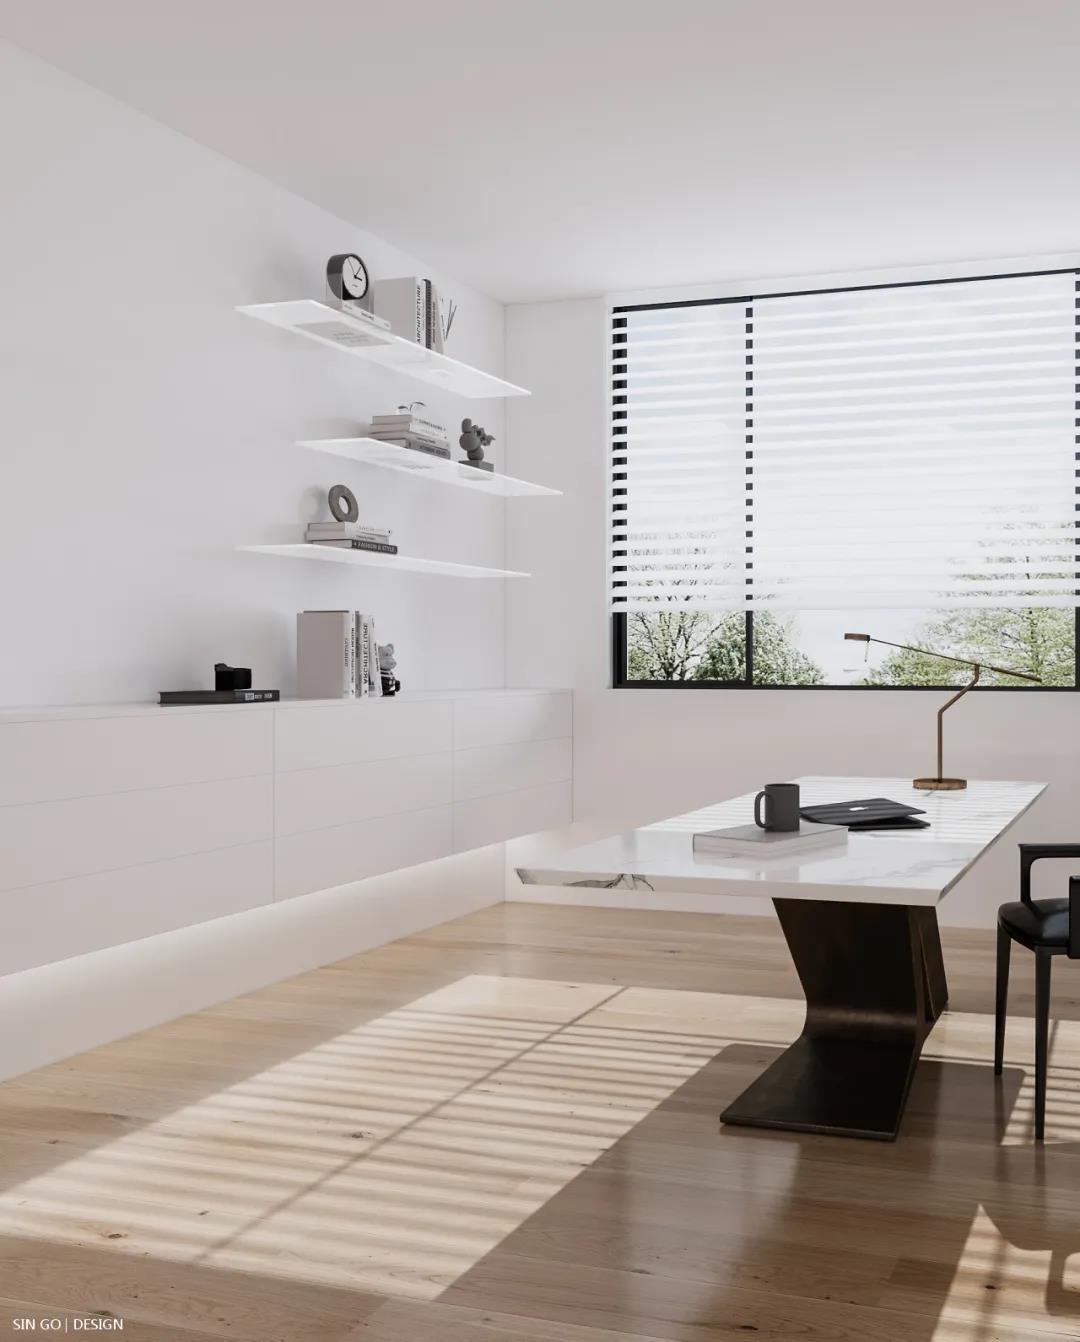 星杰国际设计倾力打造405㎡极简风别墅 光影之间 定格流年